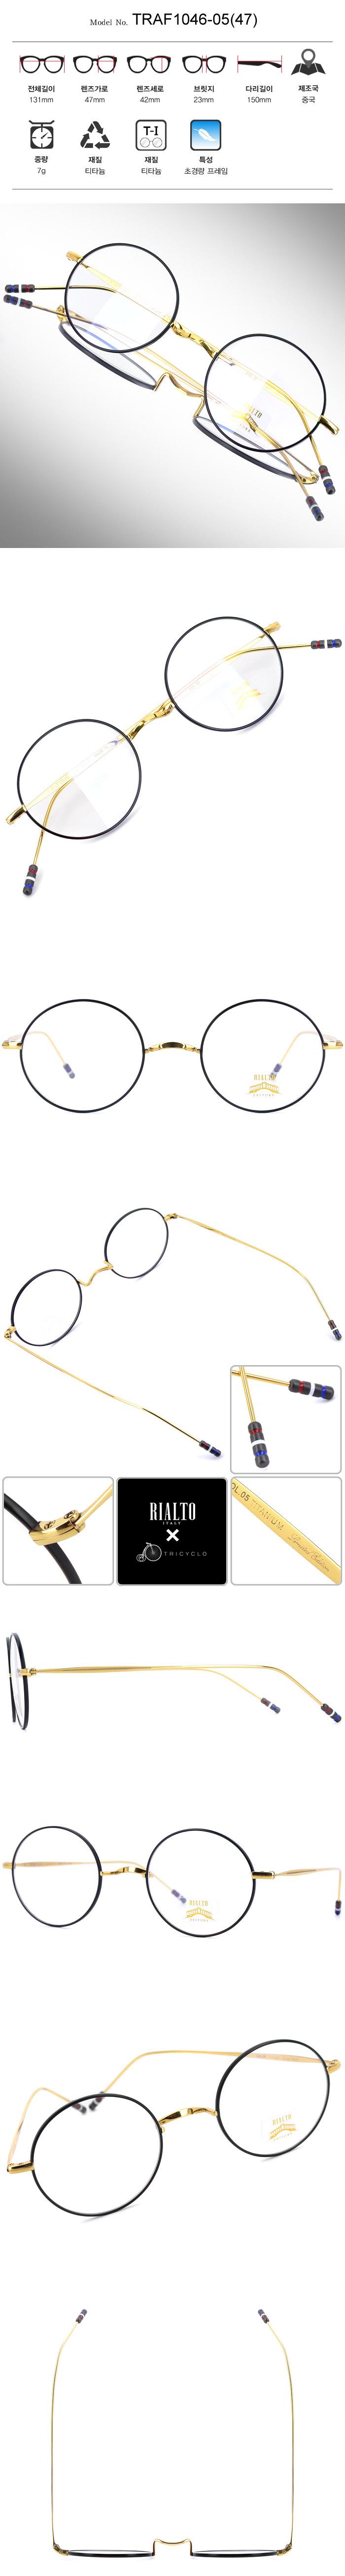 트리시클로 초경량 IP도금 티타늄 안경테 TRAF1046-05(47)